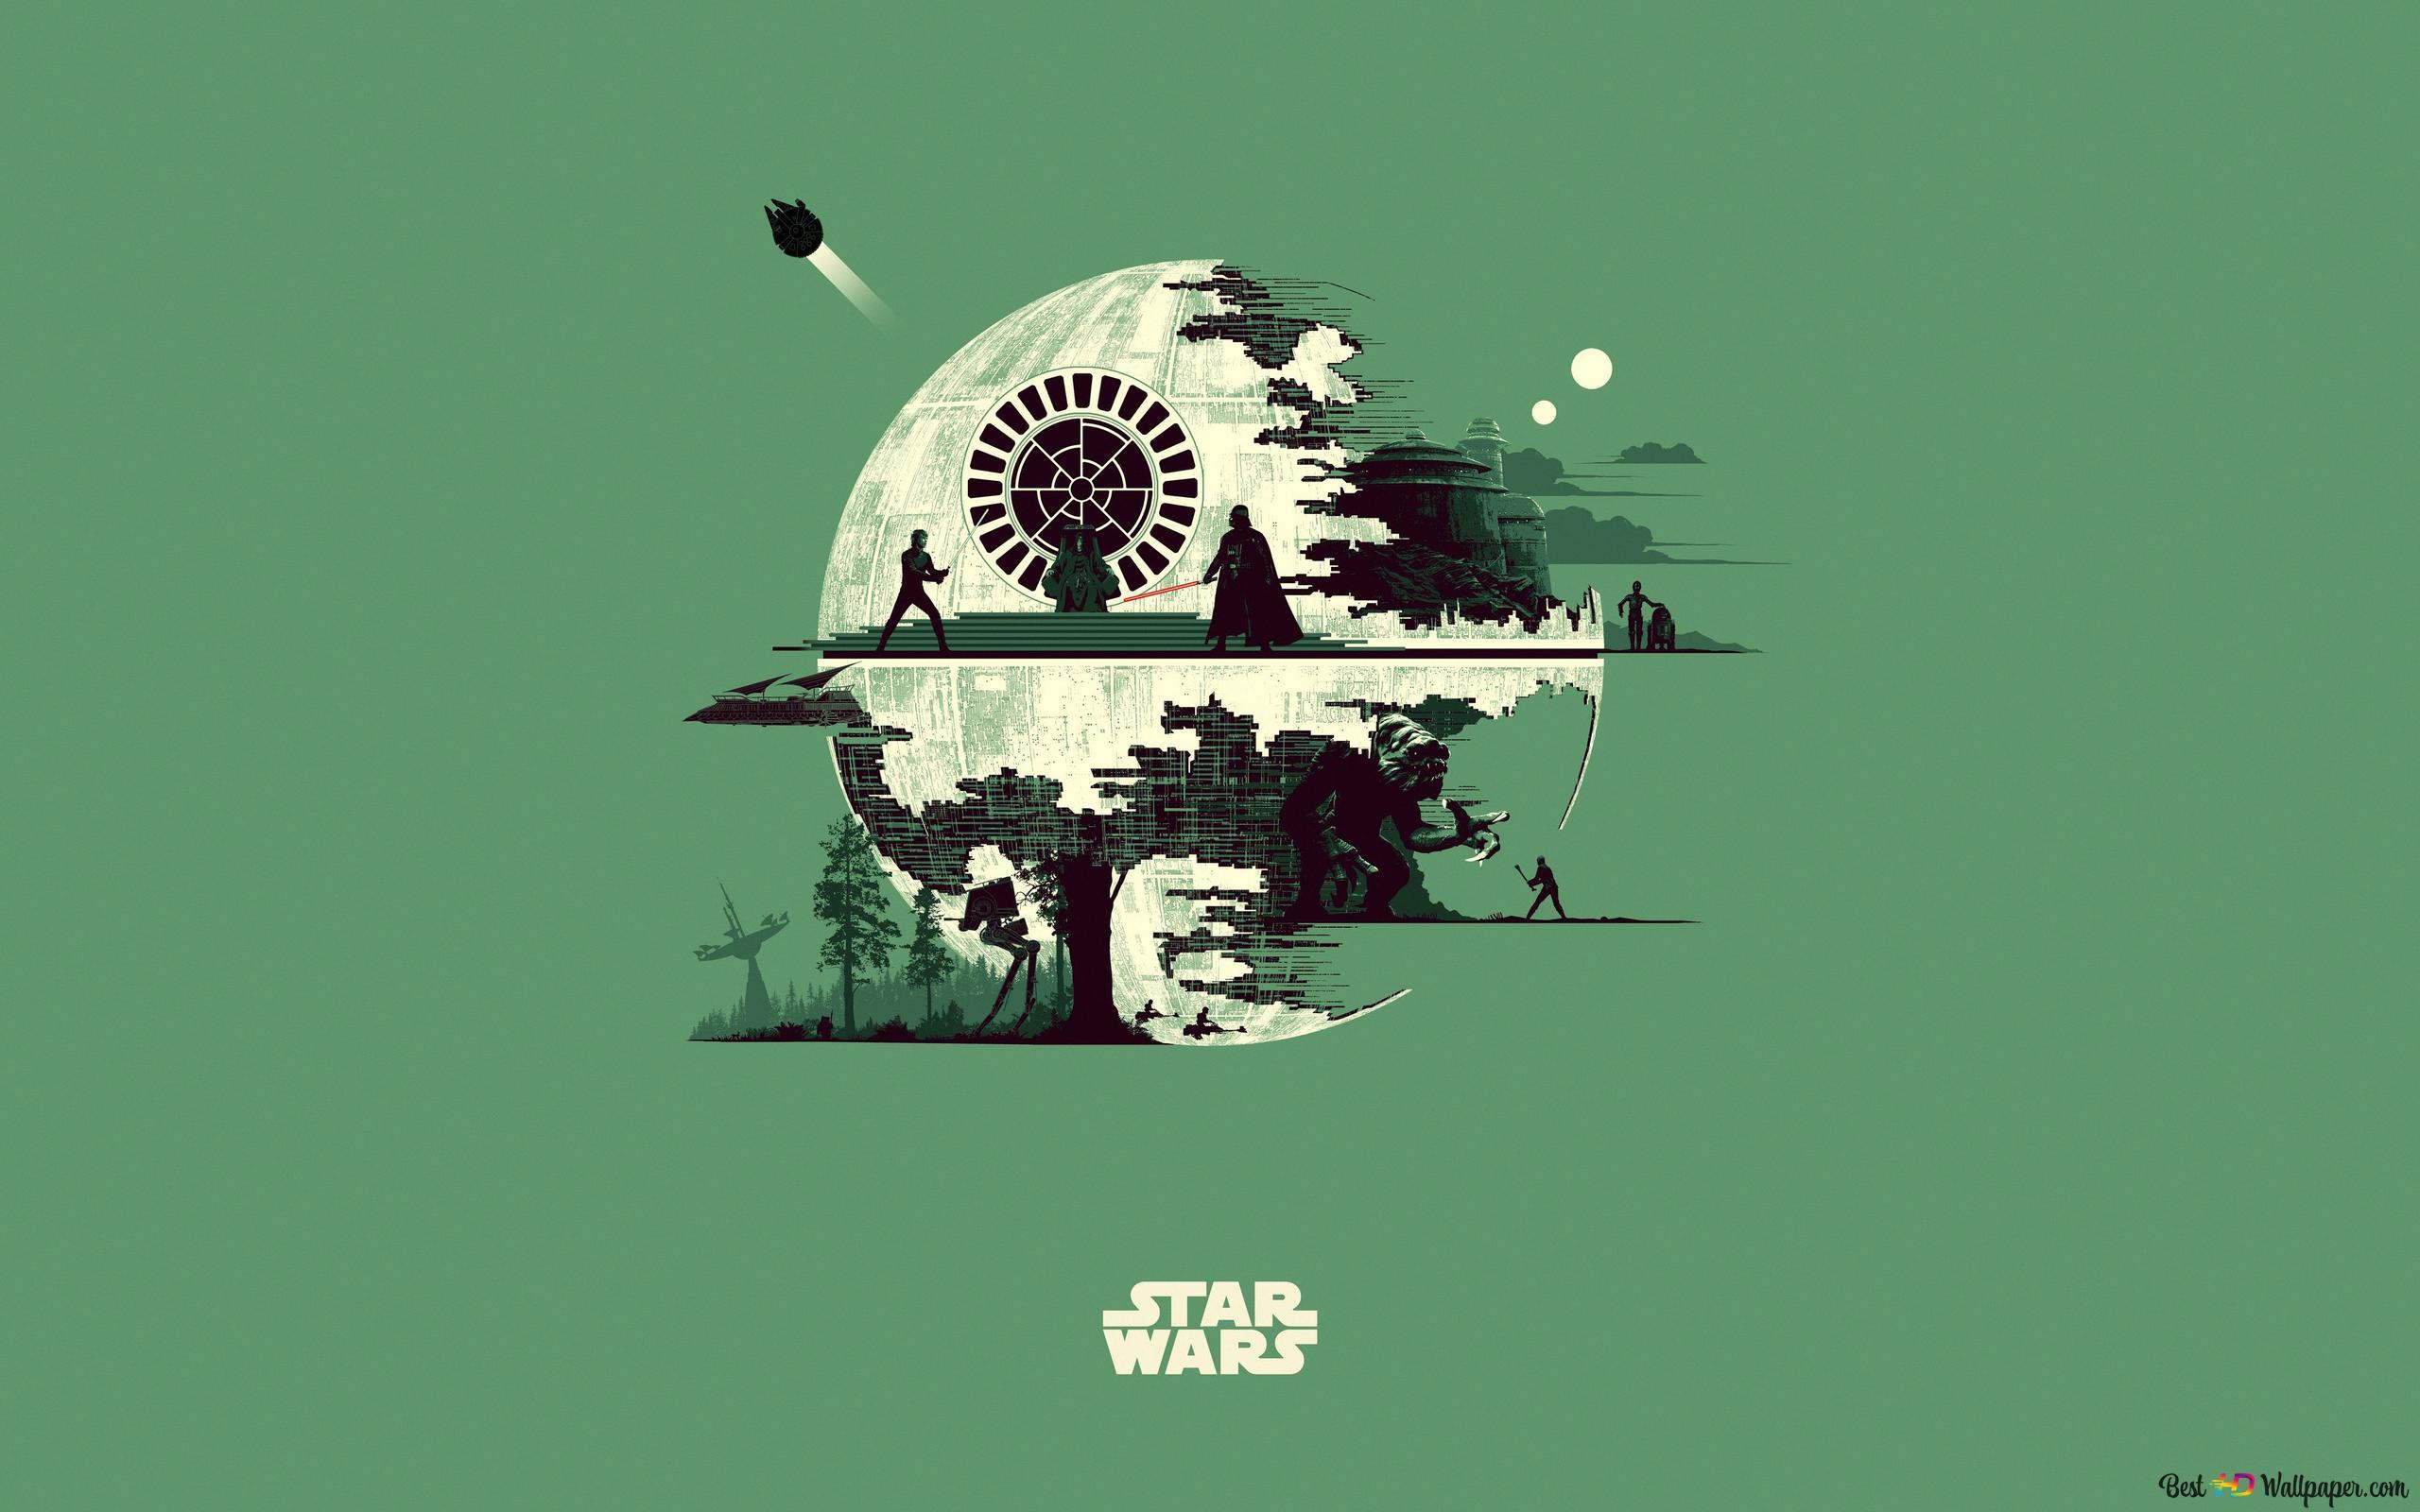 death star star wars wallpaper 2560x1600 39820 7